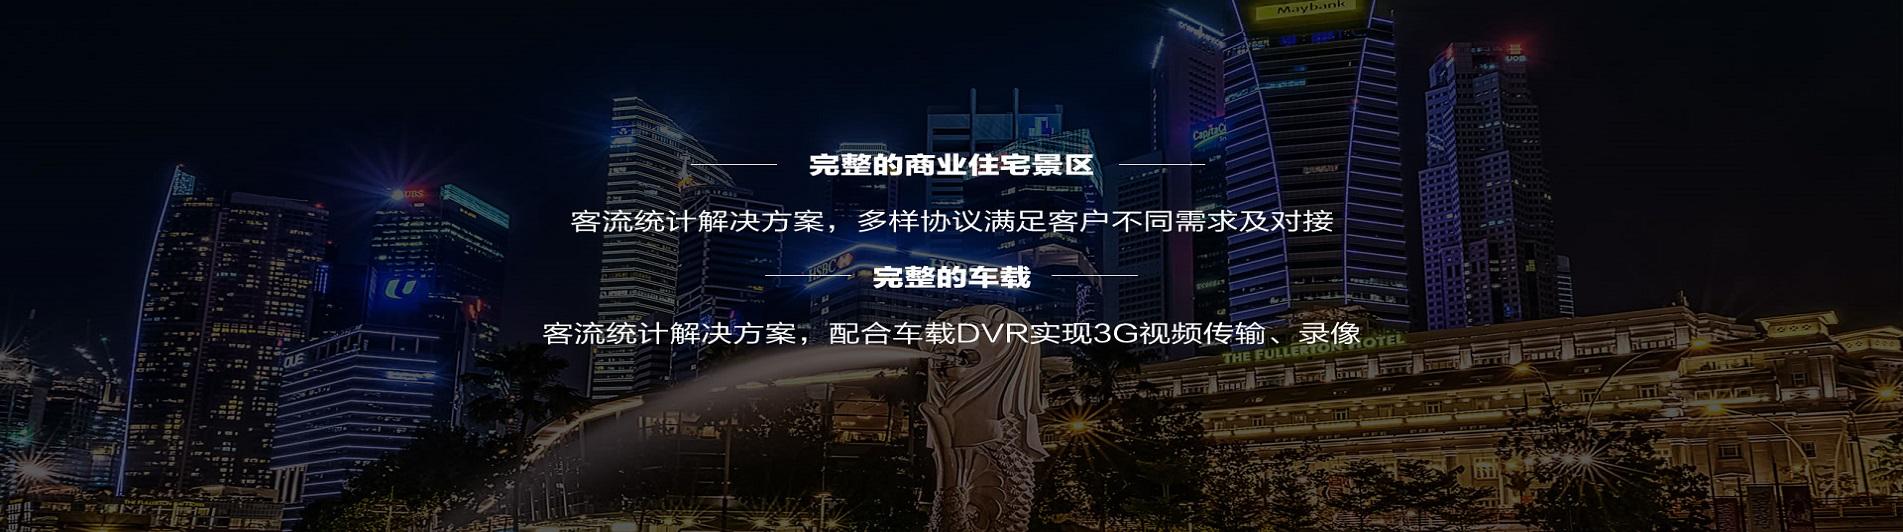 完整的商业住宅景区哥伦布传电影网,客流统计解决方案韩国6655电影网,多样协议满足客户不同需求及对接;完整的车载幻想影视第一季,客流统计解决方案古装剧神马影视,配合车载DVR实现3G视频